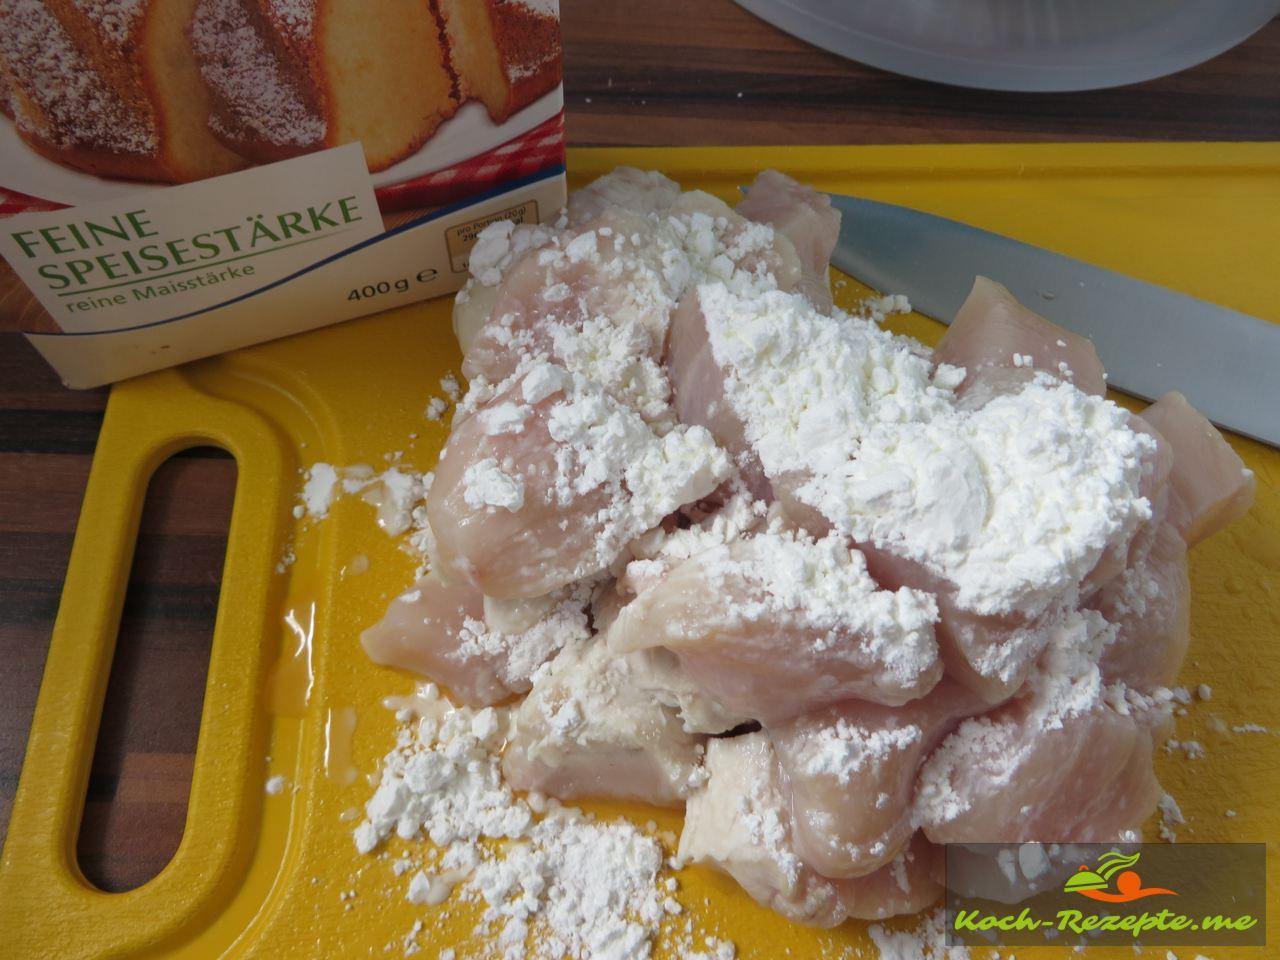 Hähnchen-Würfel mit Speisestärke bestreuen